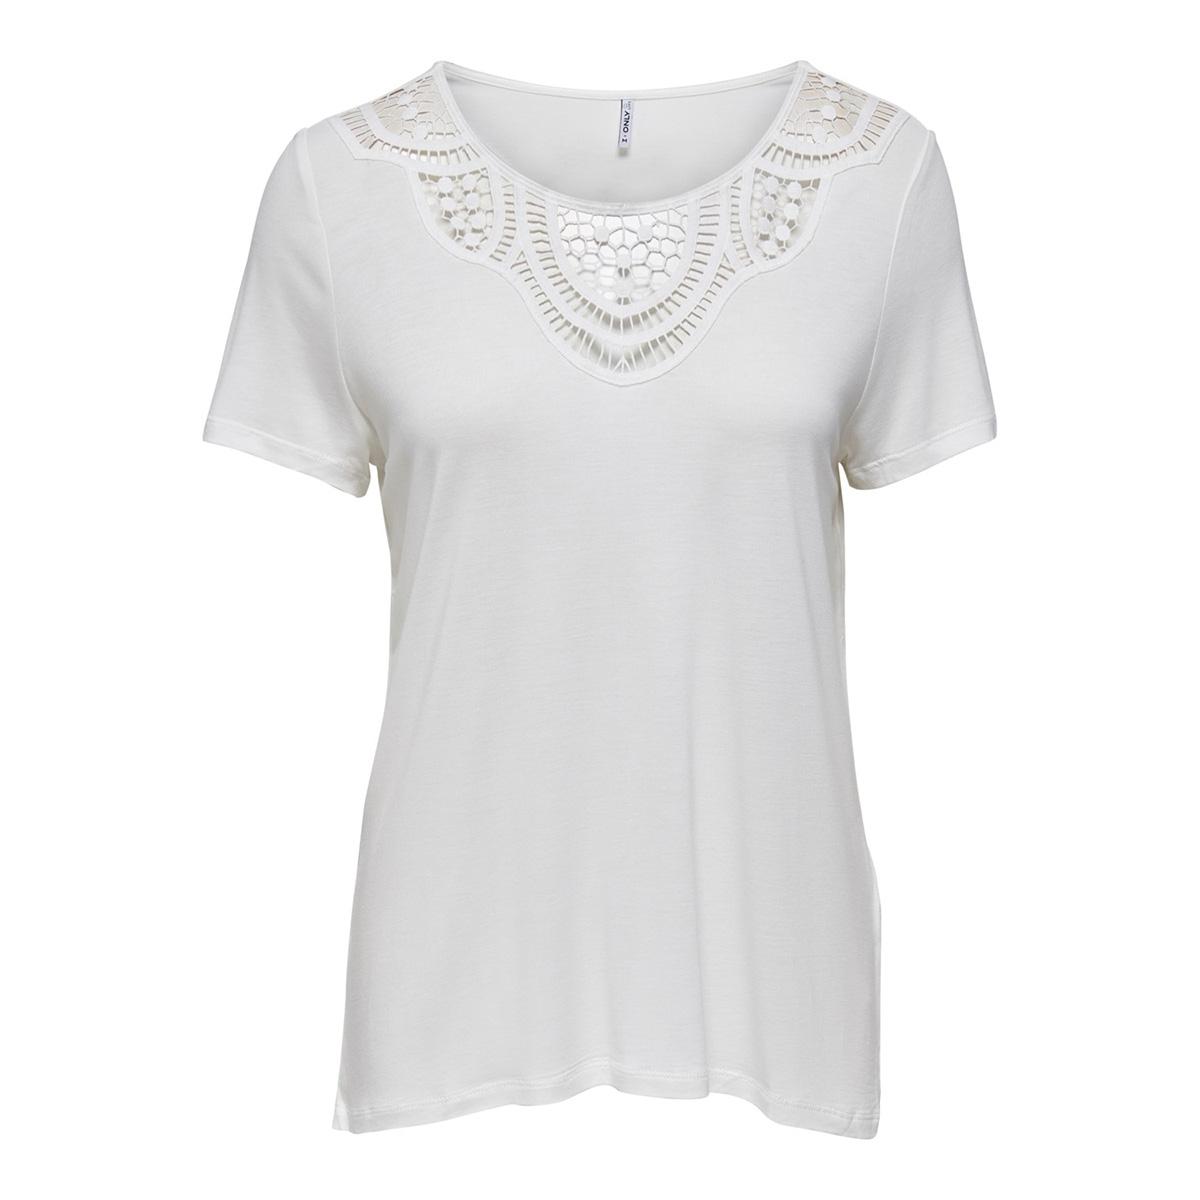 onllovely life s/s crochet top jrs 15202251 only t-shirt cloud dancer